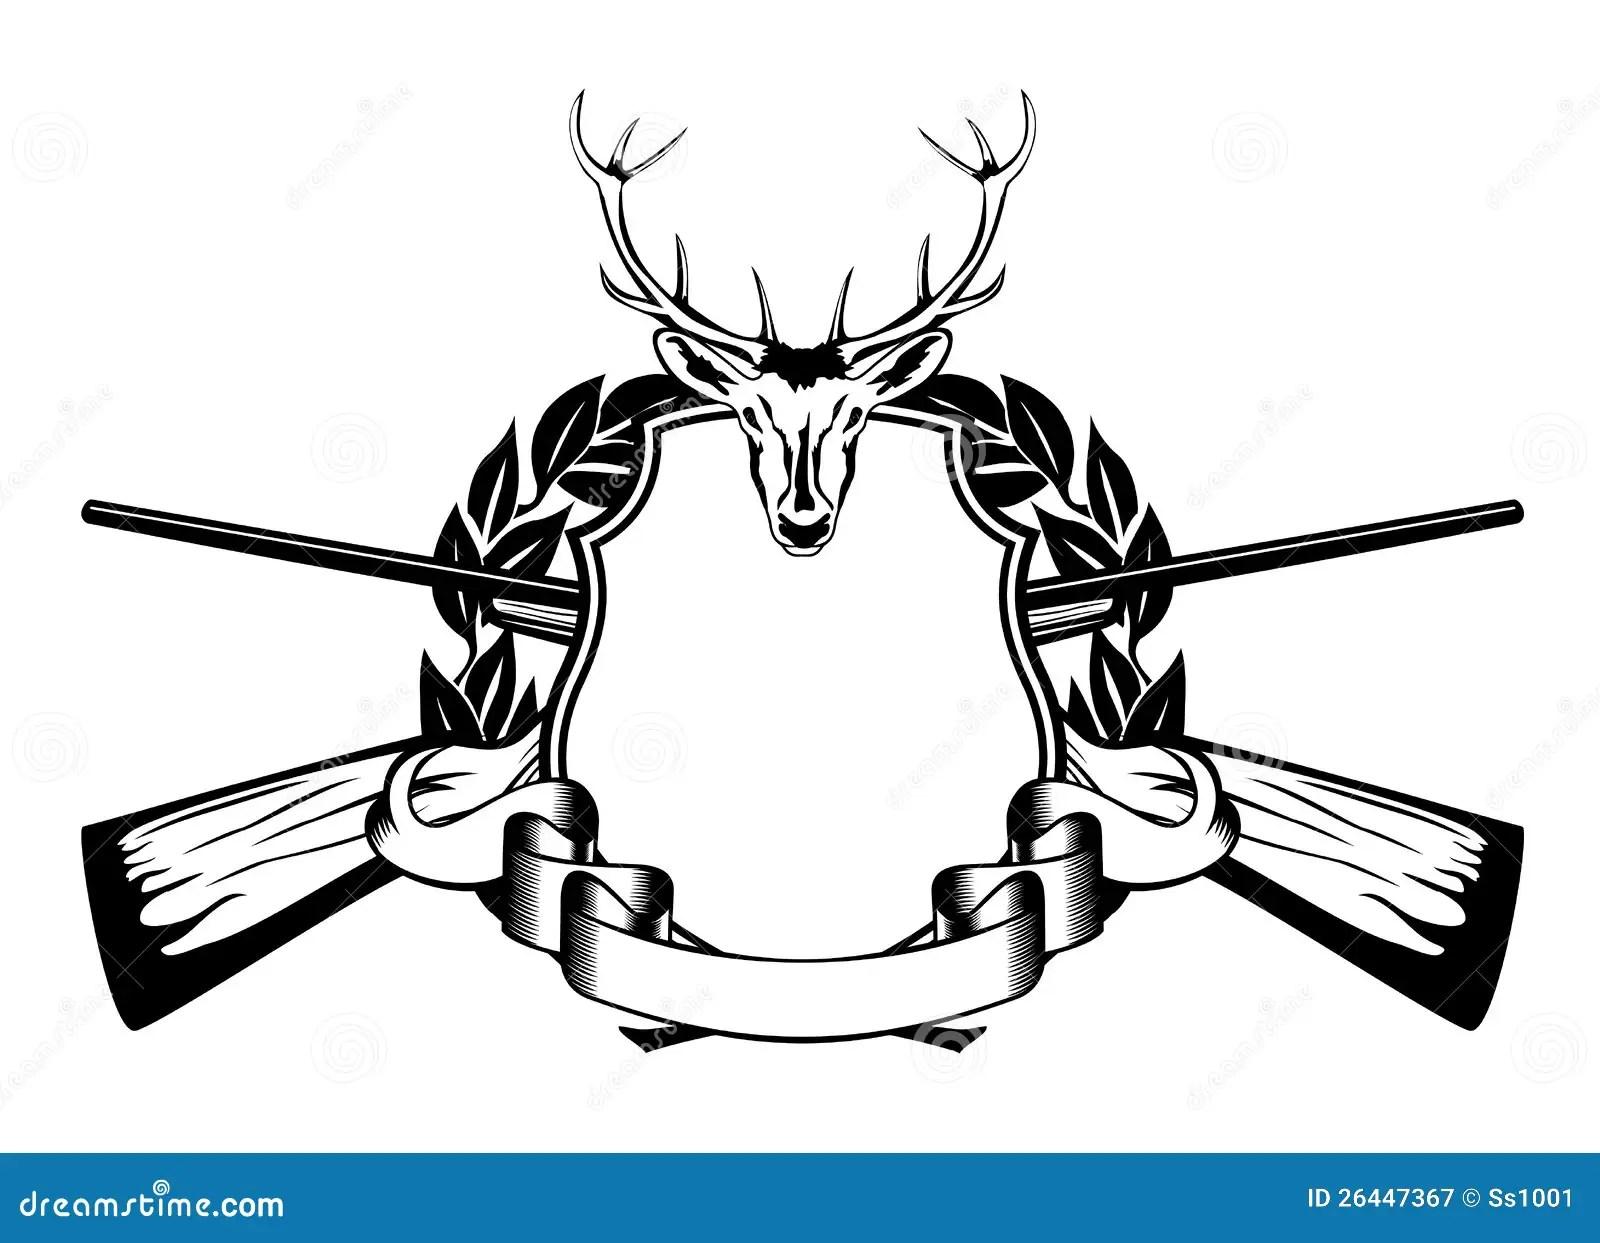 Framework Hunting Theme Stock Vector Illustration Of